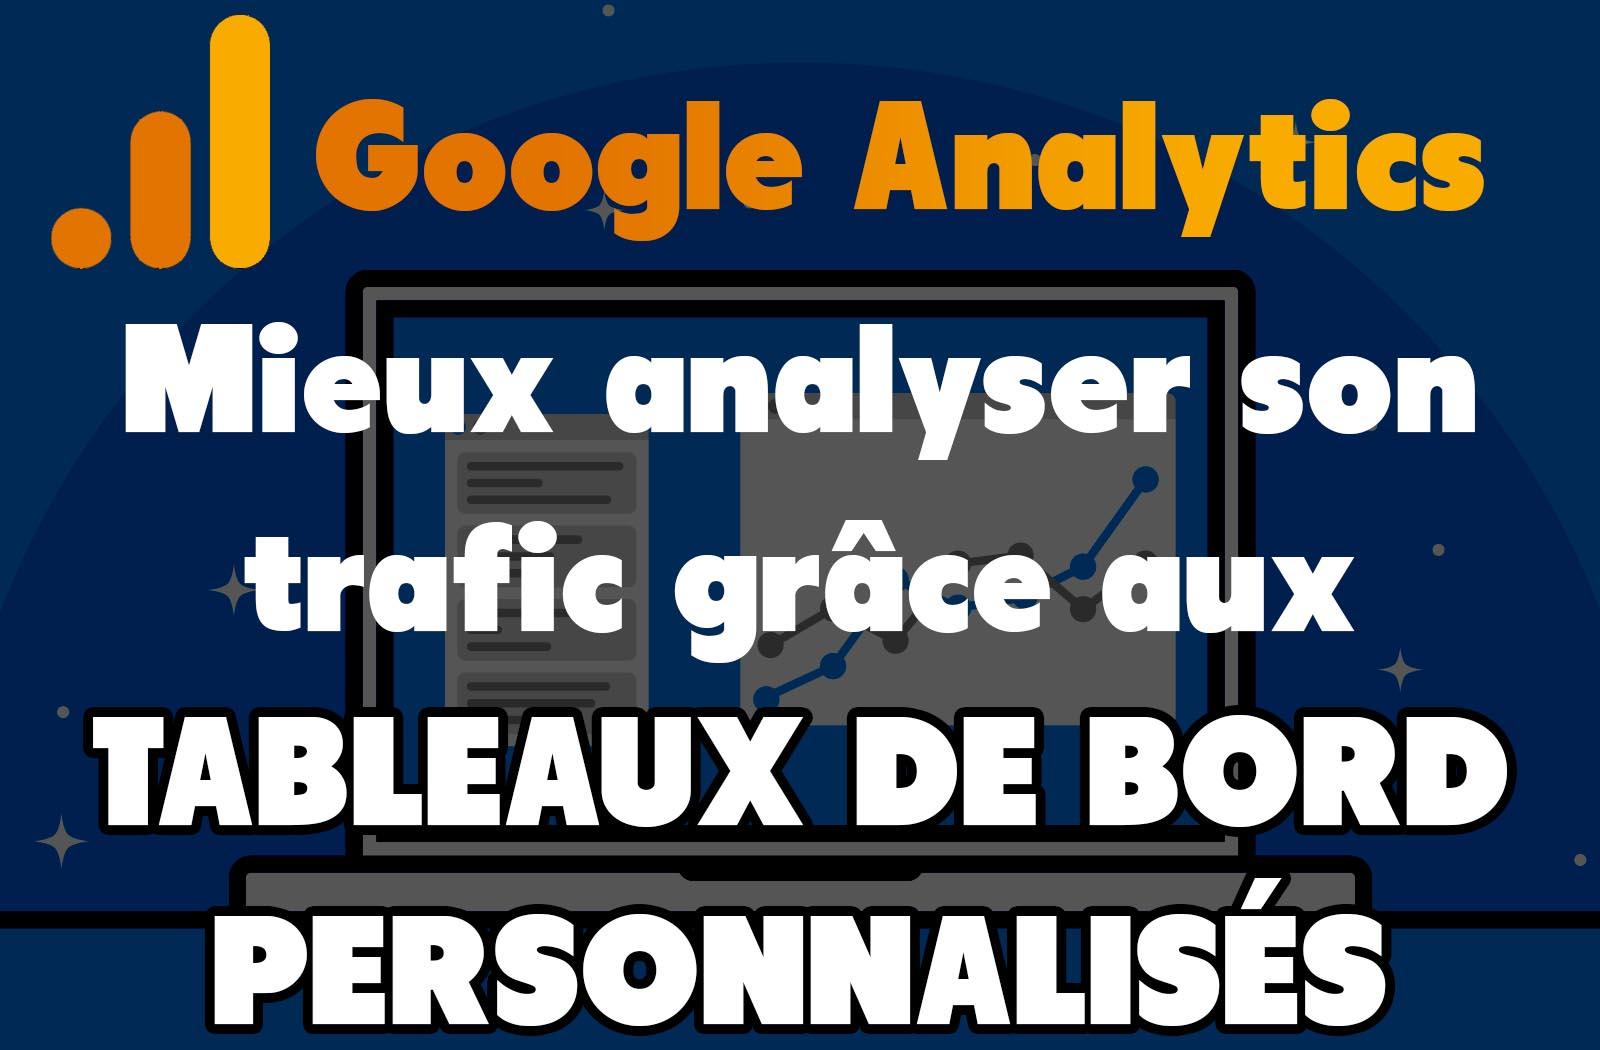 Analyser son trafic google analytics avec les tableaux de bord personnalisés (dashboards)